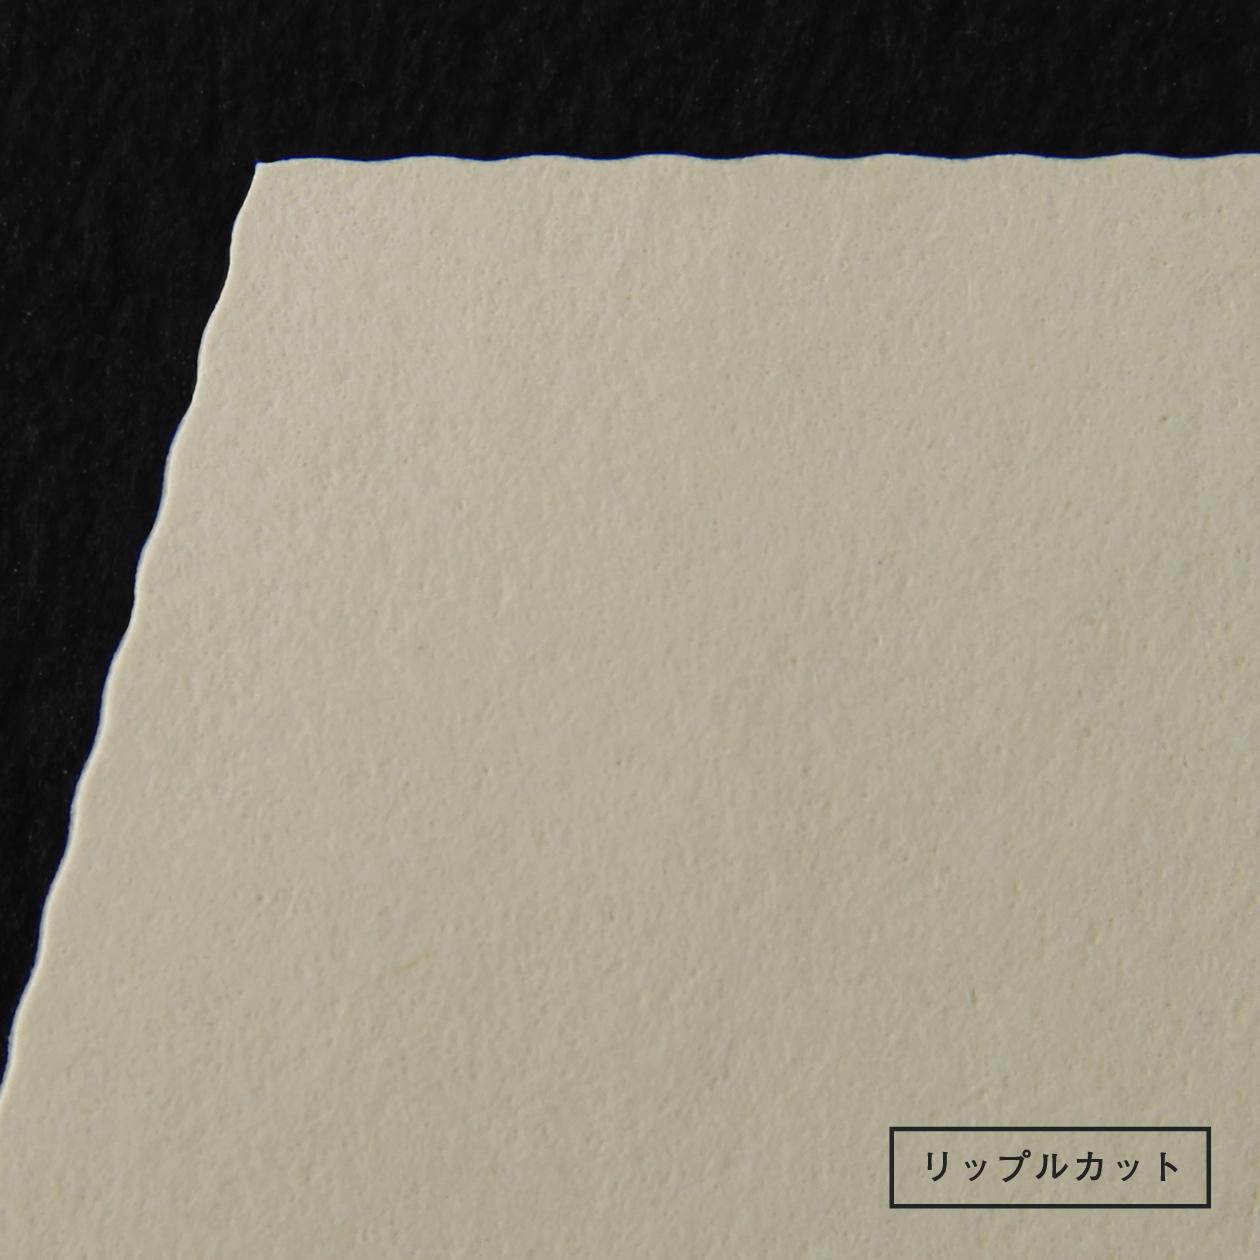 長3封筒 エコフレンドリーカラー ミストグレイ 100g